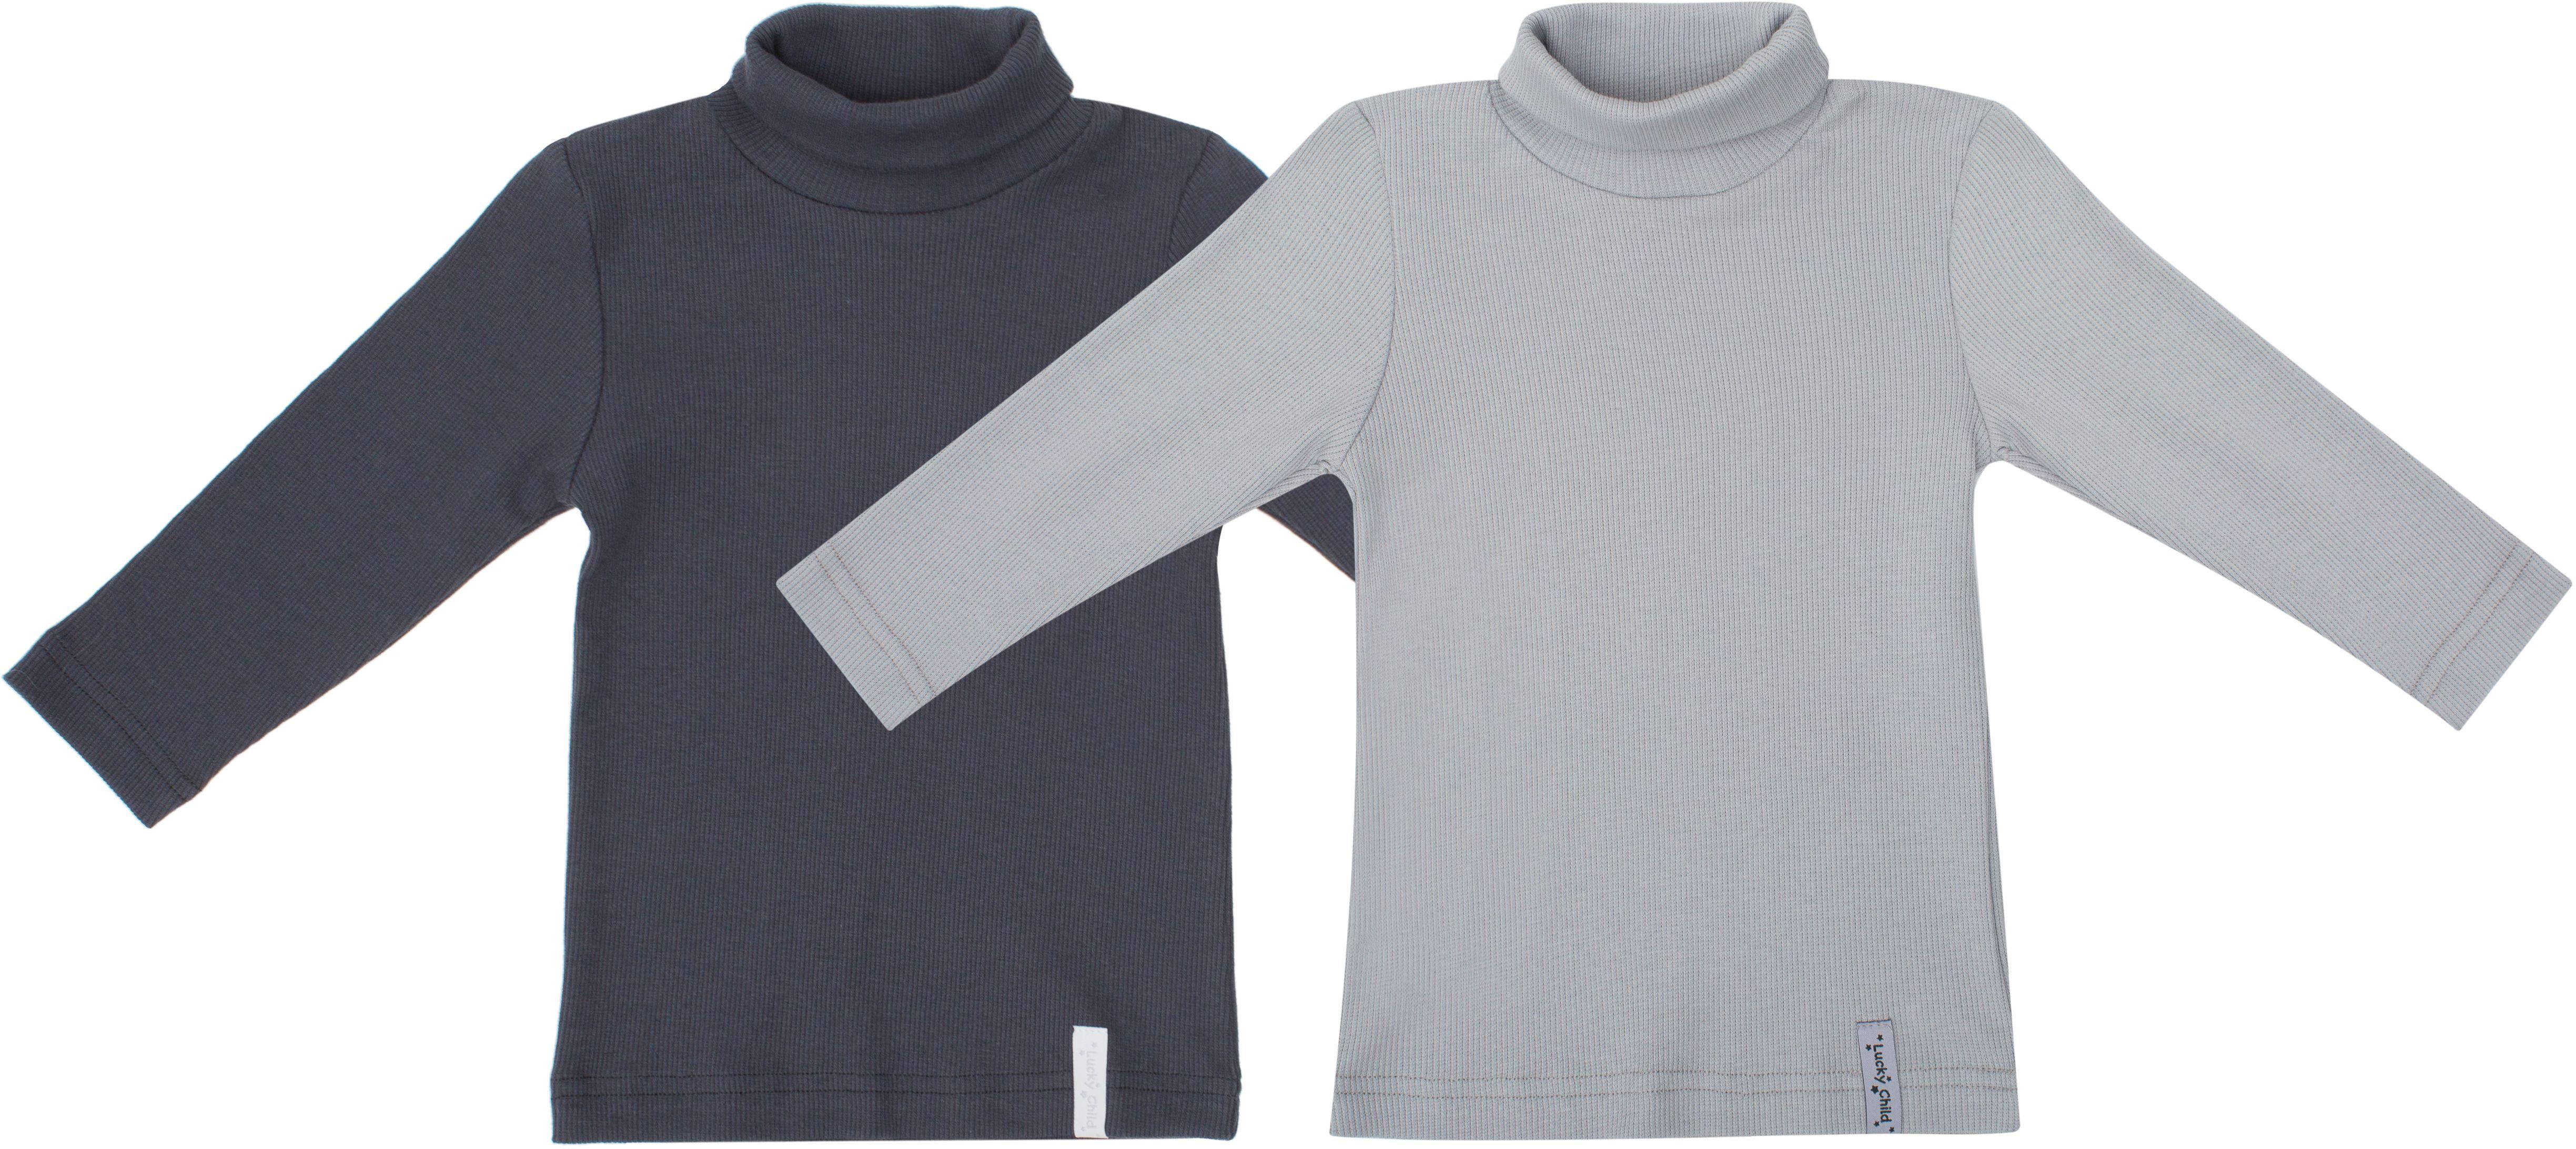 Водолазка для мальчика Lucky Child Дуэт, цвет: серый, темно-серый, 2 шт. 33-23. Размер 68/7433-23Водолазки давно покорили все мировые подиумы. Этот предмет одежды не только стильный, но ещё и функциональный. Водолазки из коллекции Дуэт представлены в двух базовых цветах, их легко сочетать с любой одеждой.